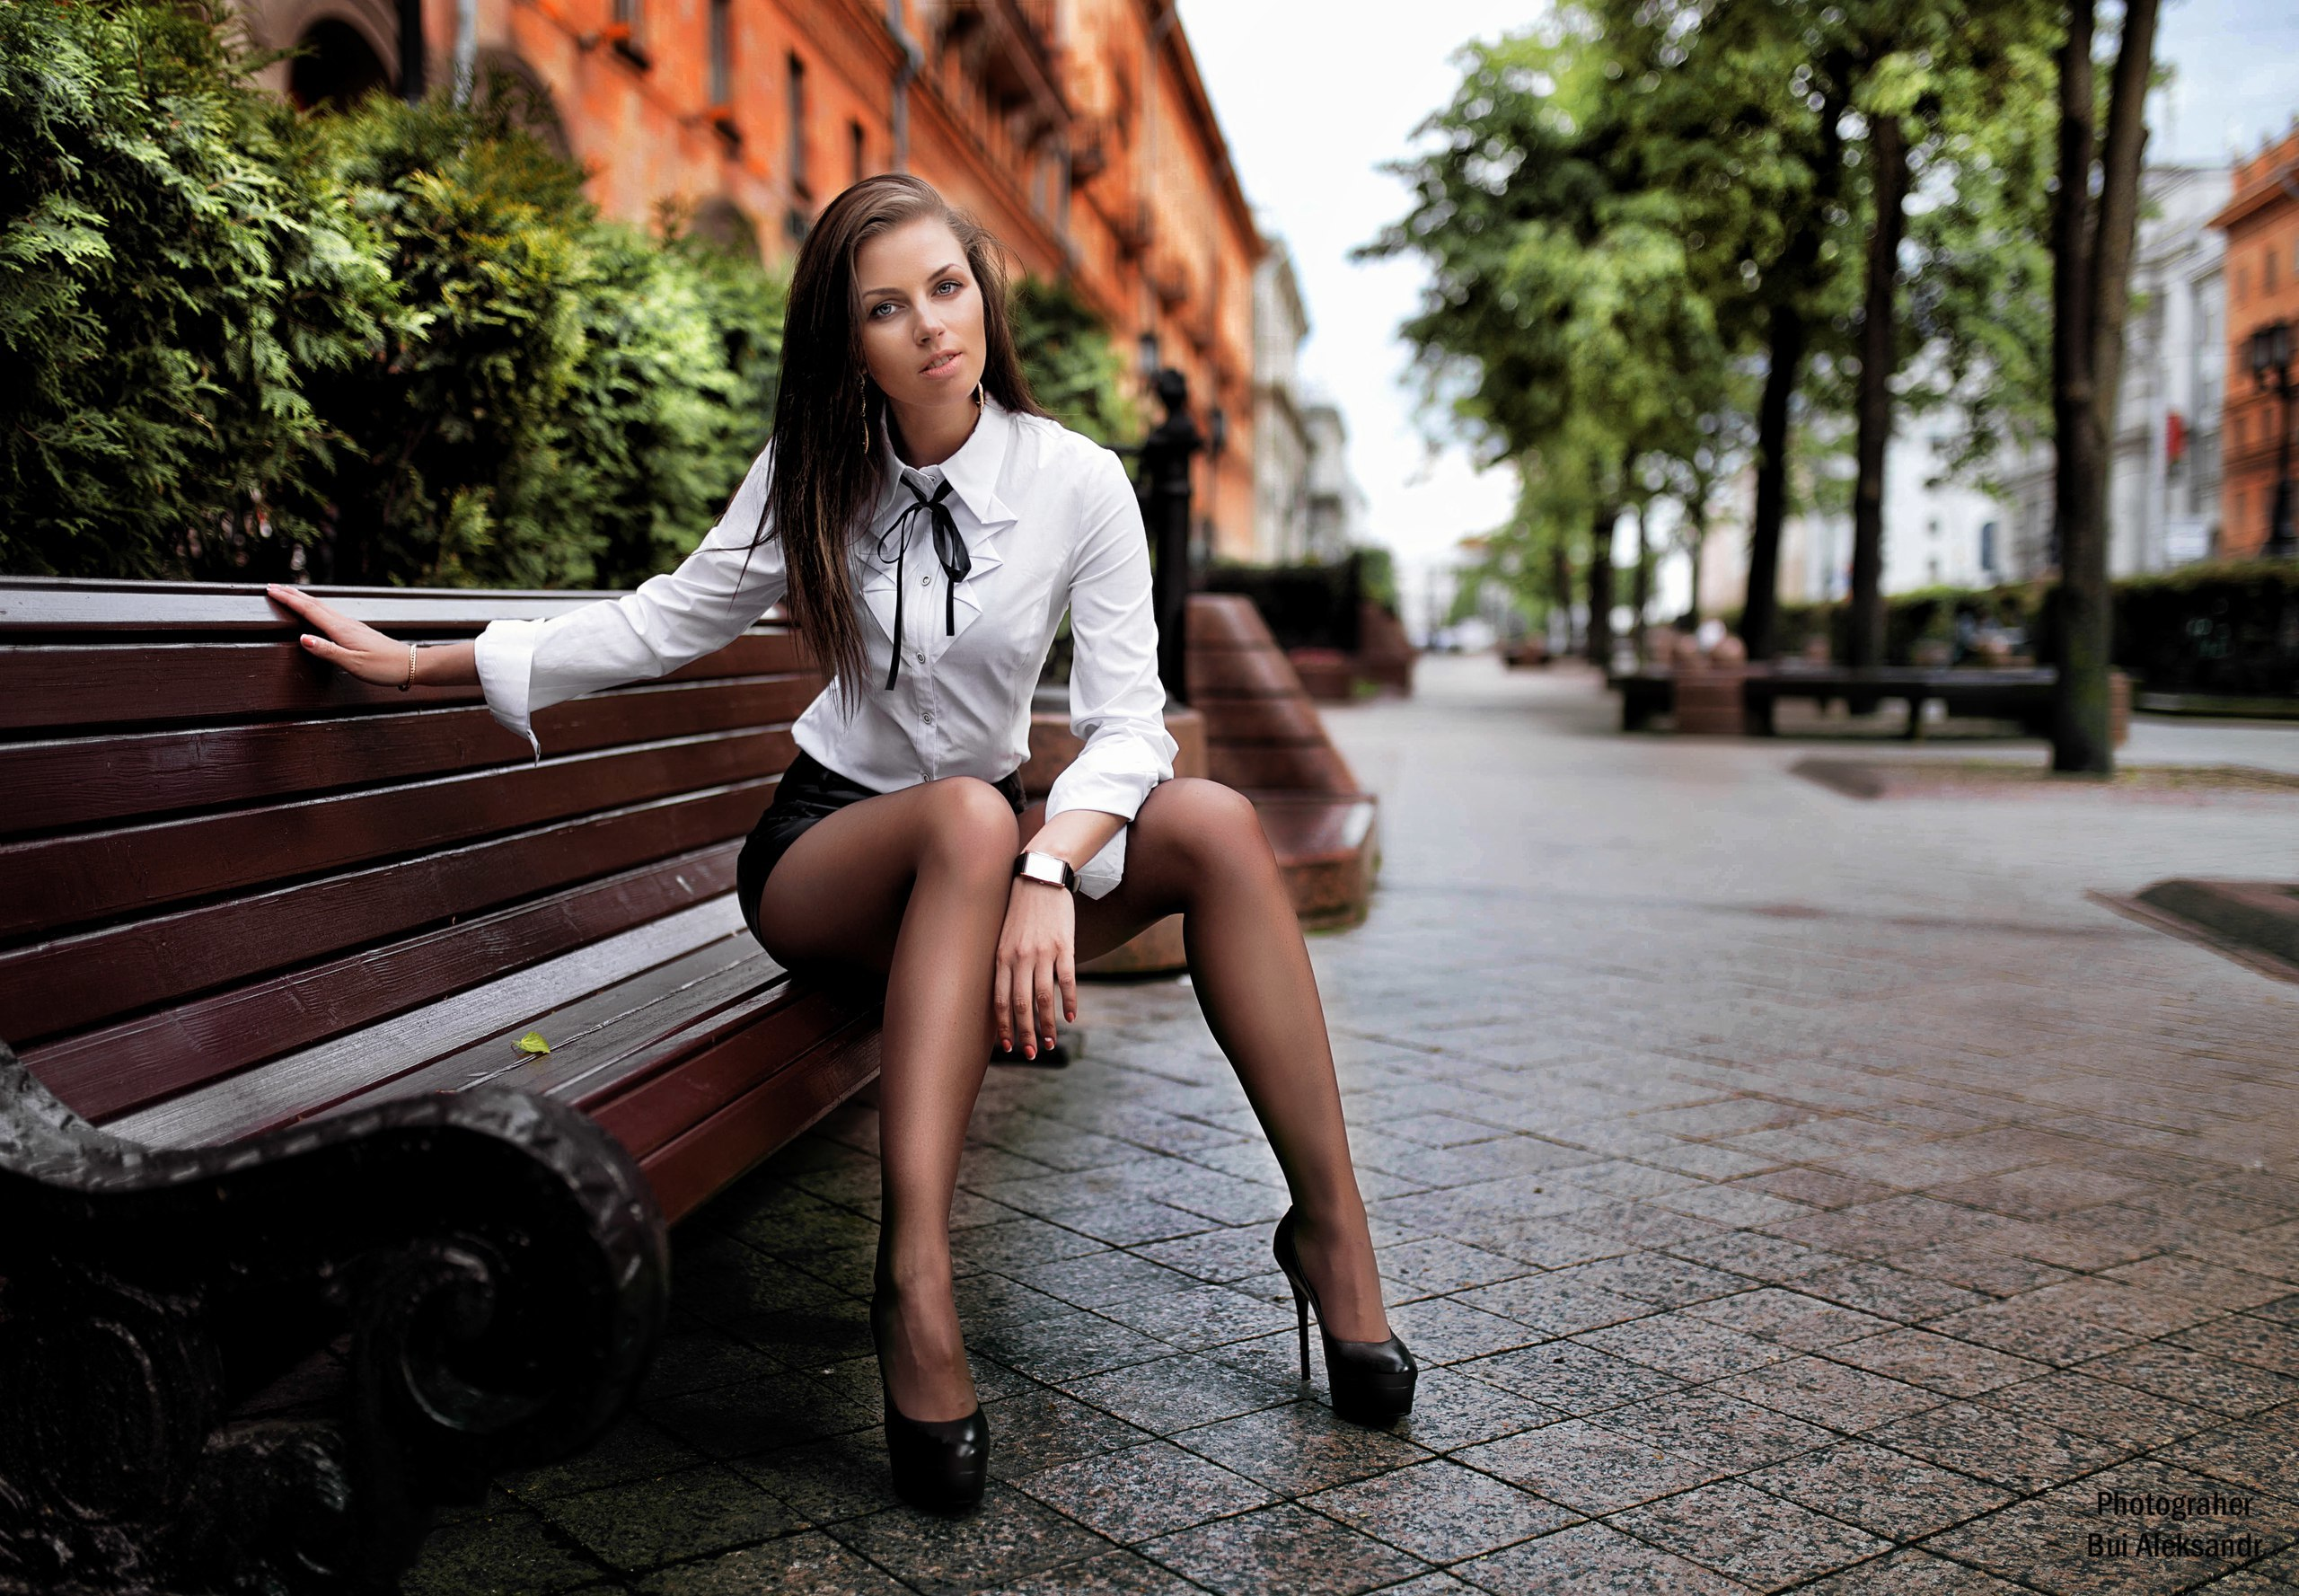 каких материалов женские ноги на улицах города летом фото гораздо больше существует